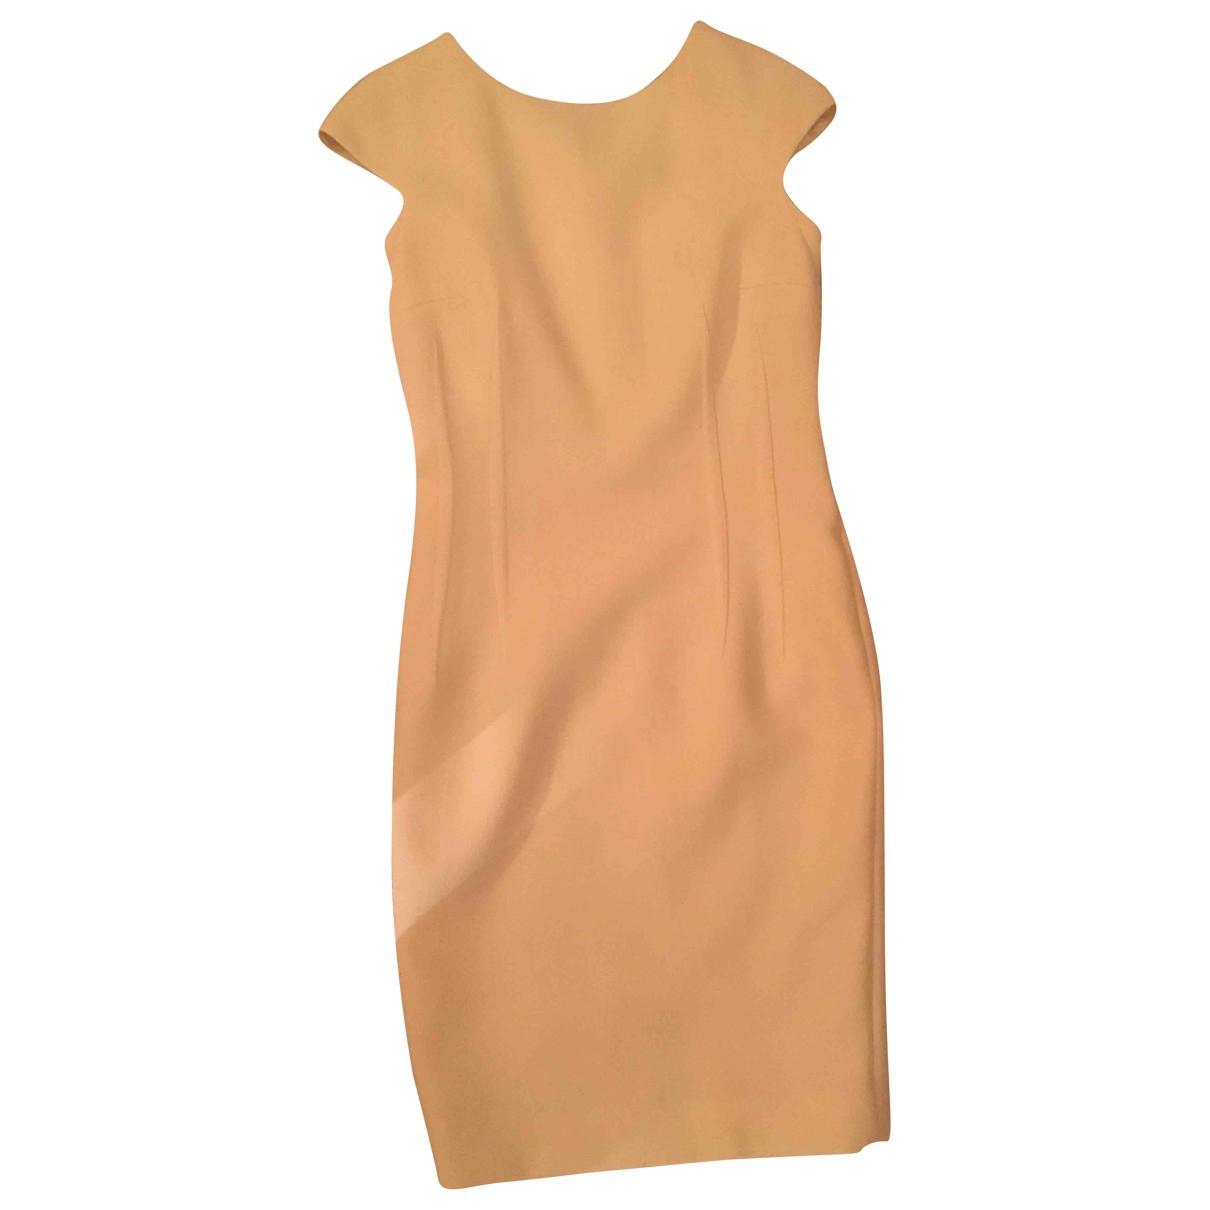 Michael Kors \N Kleid in  Ecru Wolle